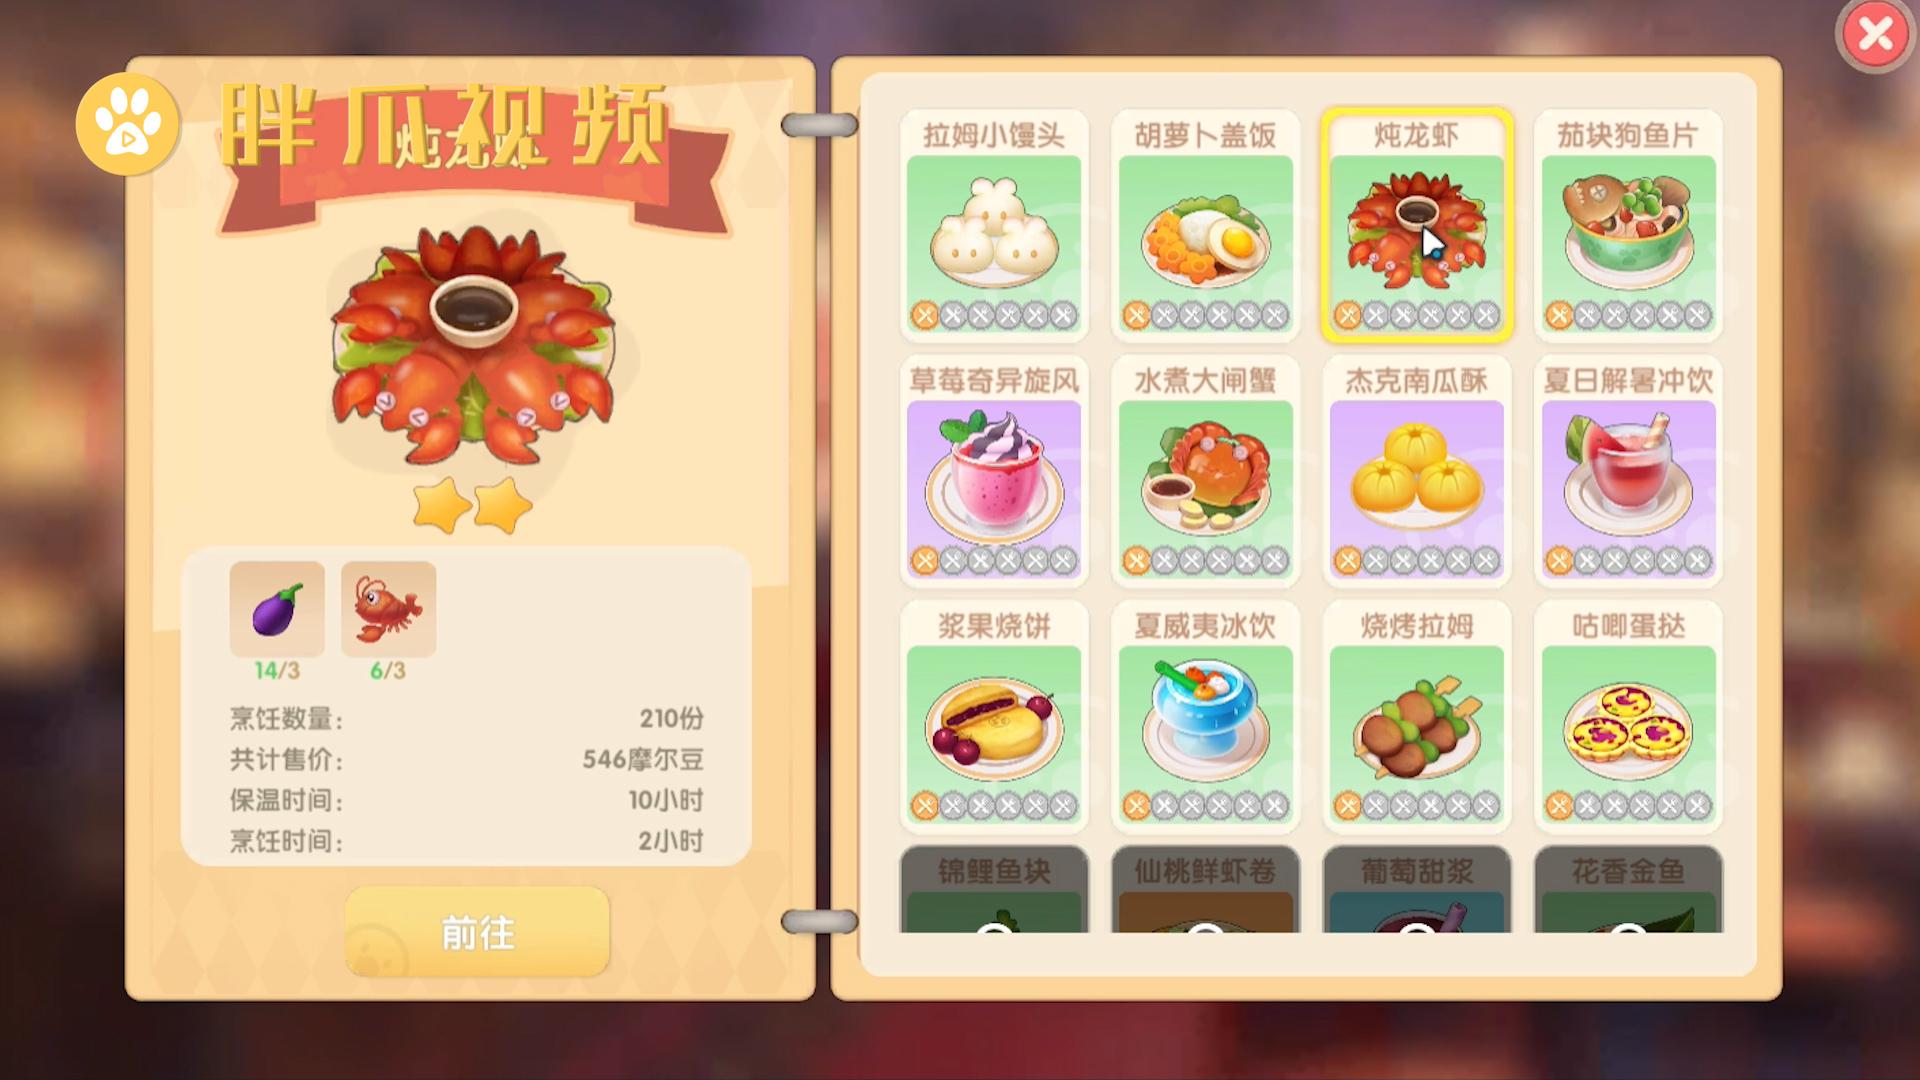 摩尔庄园炖龙虾菜谱(1)